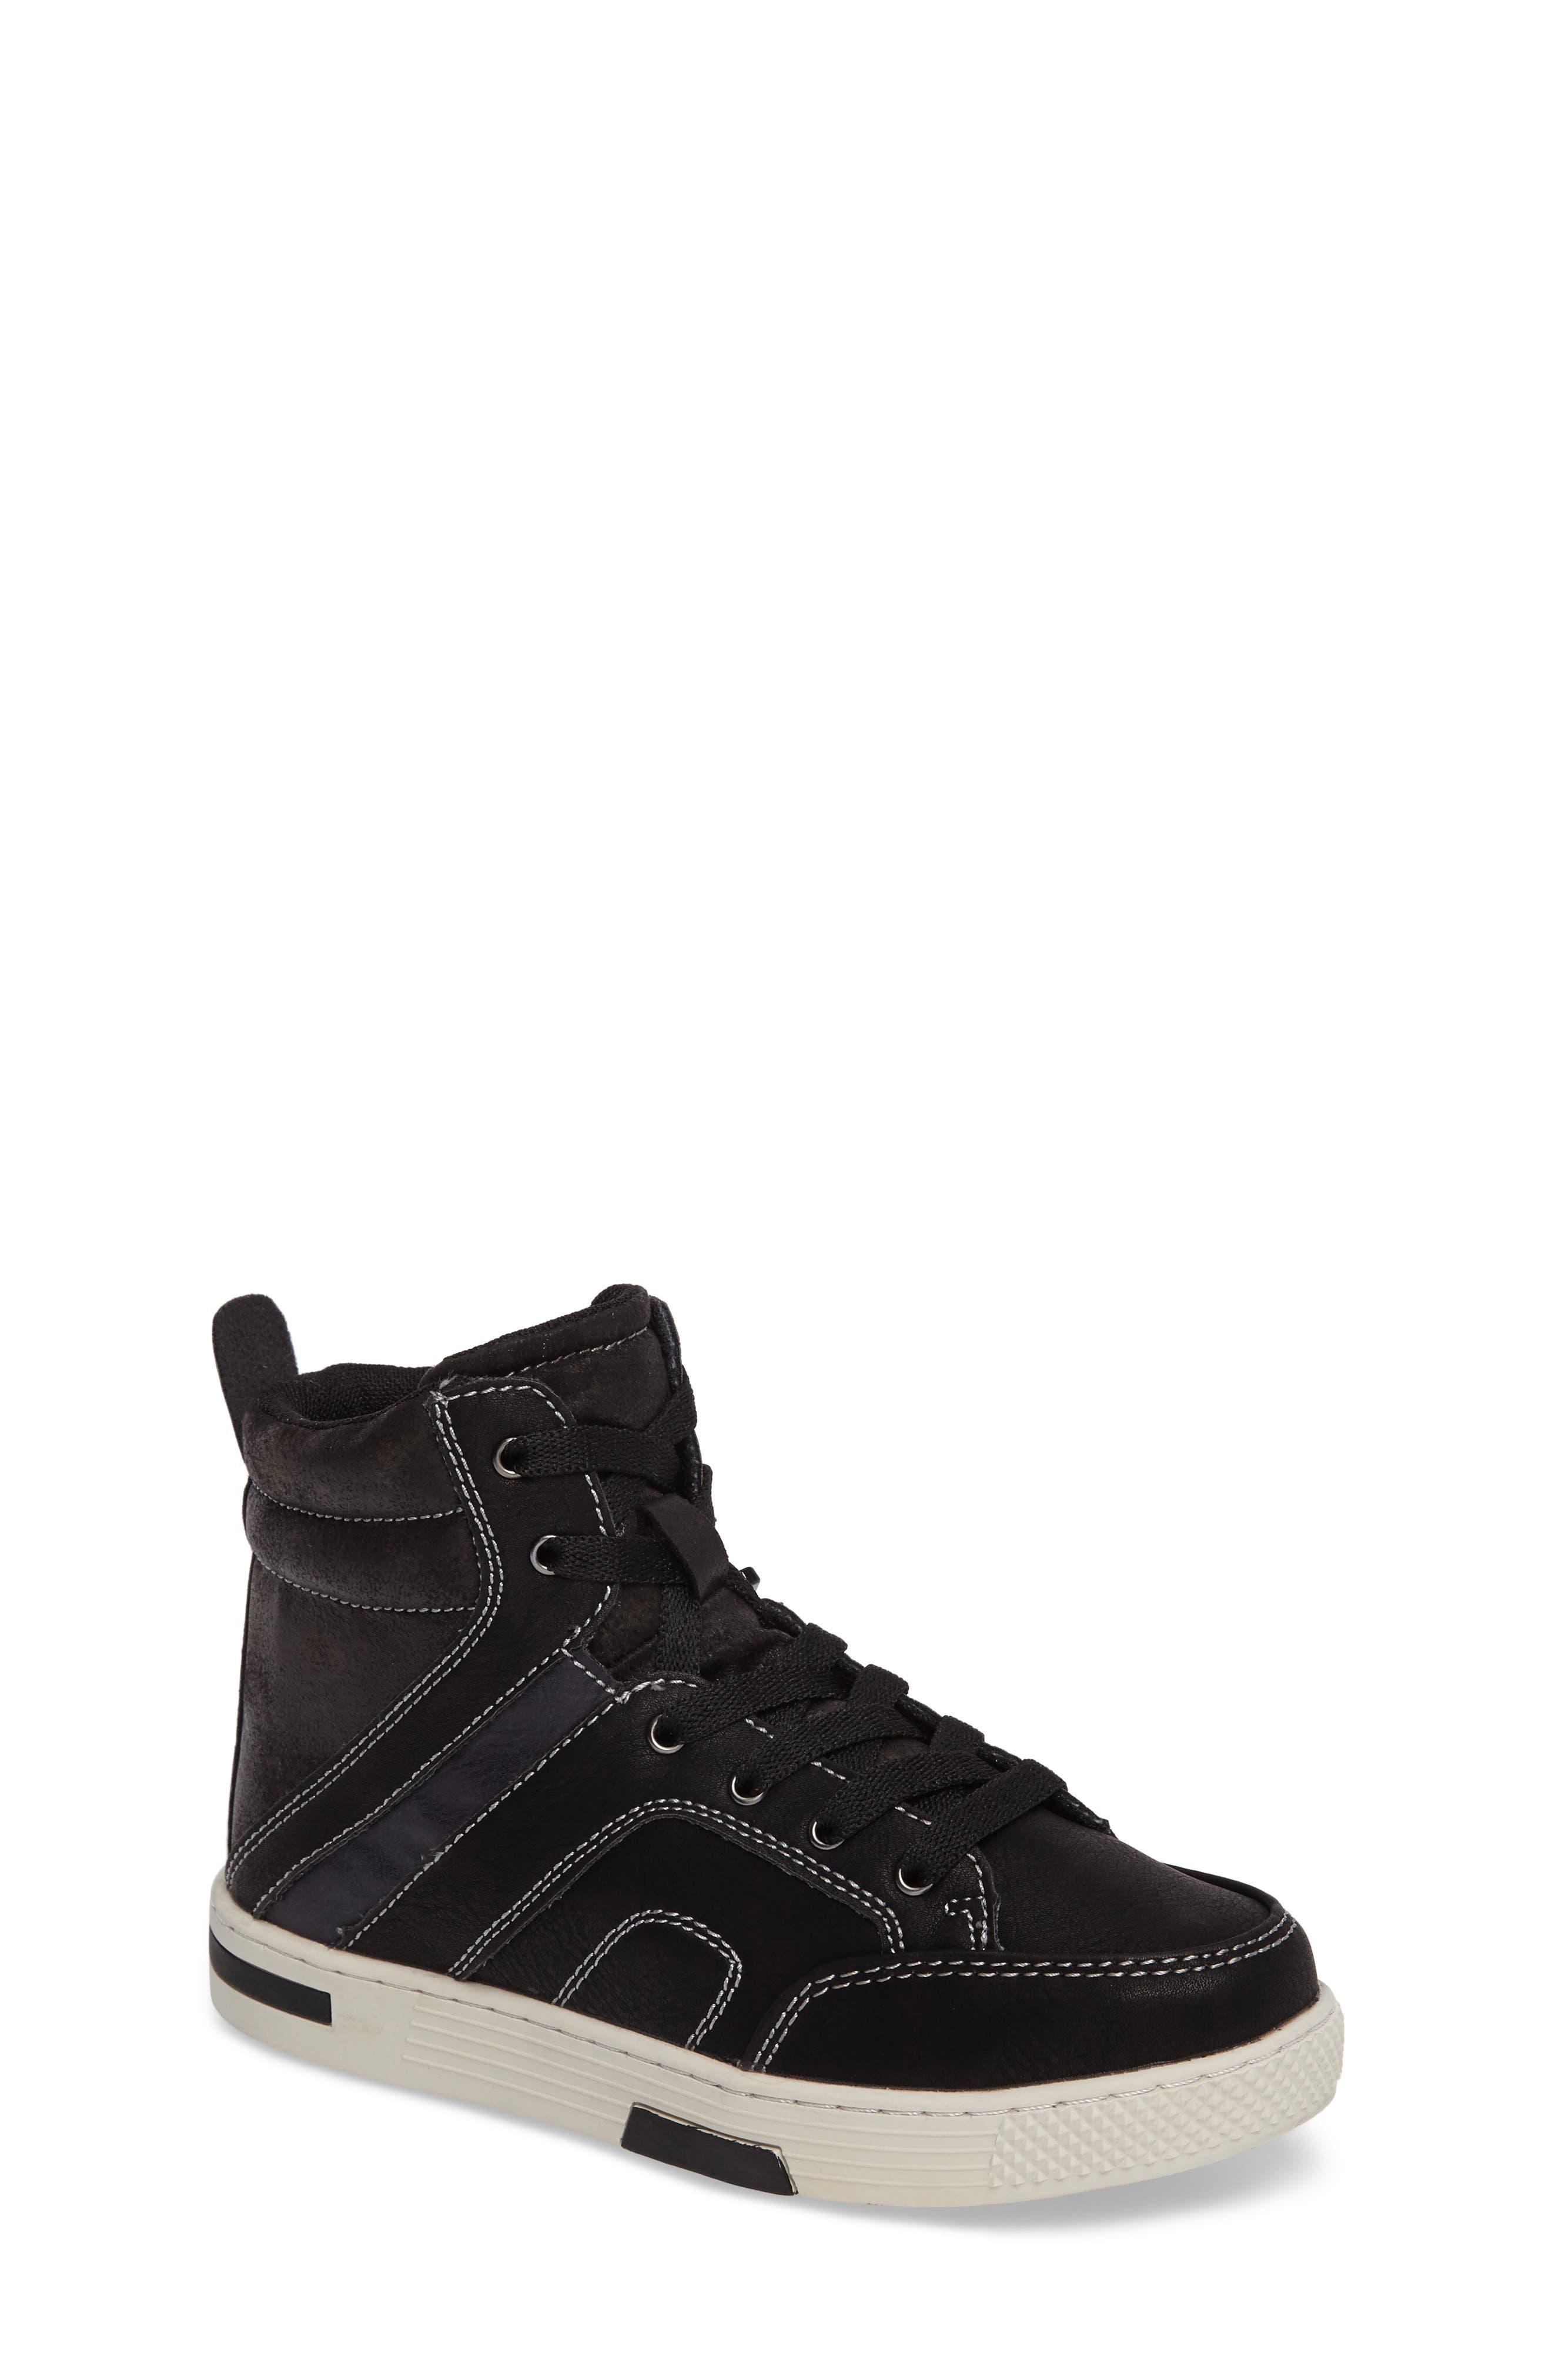 STEVE MADDEN Cooler High Top Sneaker